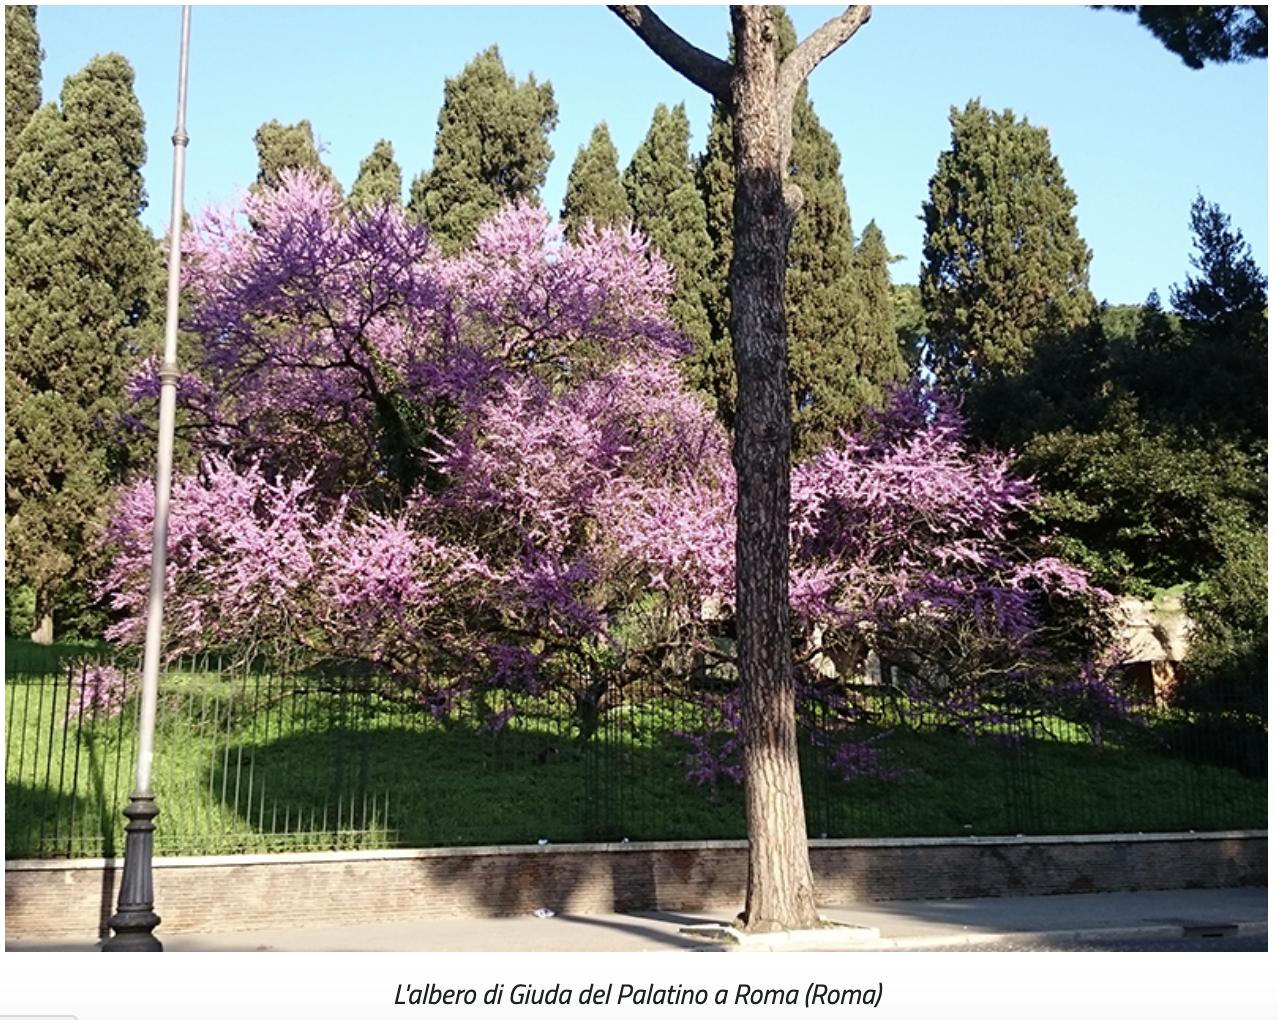 L'albero di Giuda del Palatino a Roma (Roma) dals ito min pol agricole